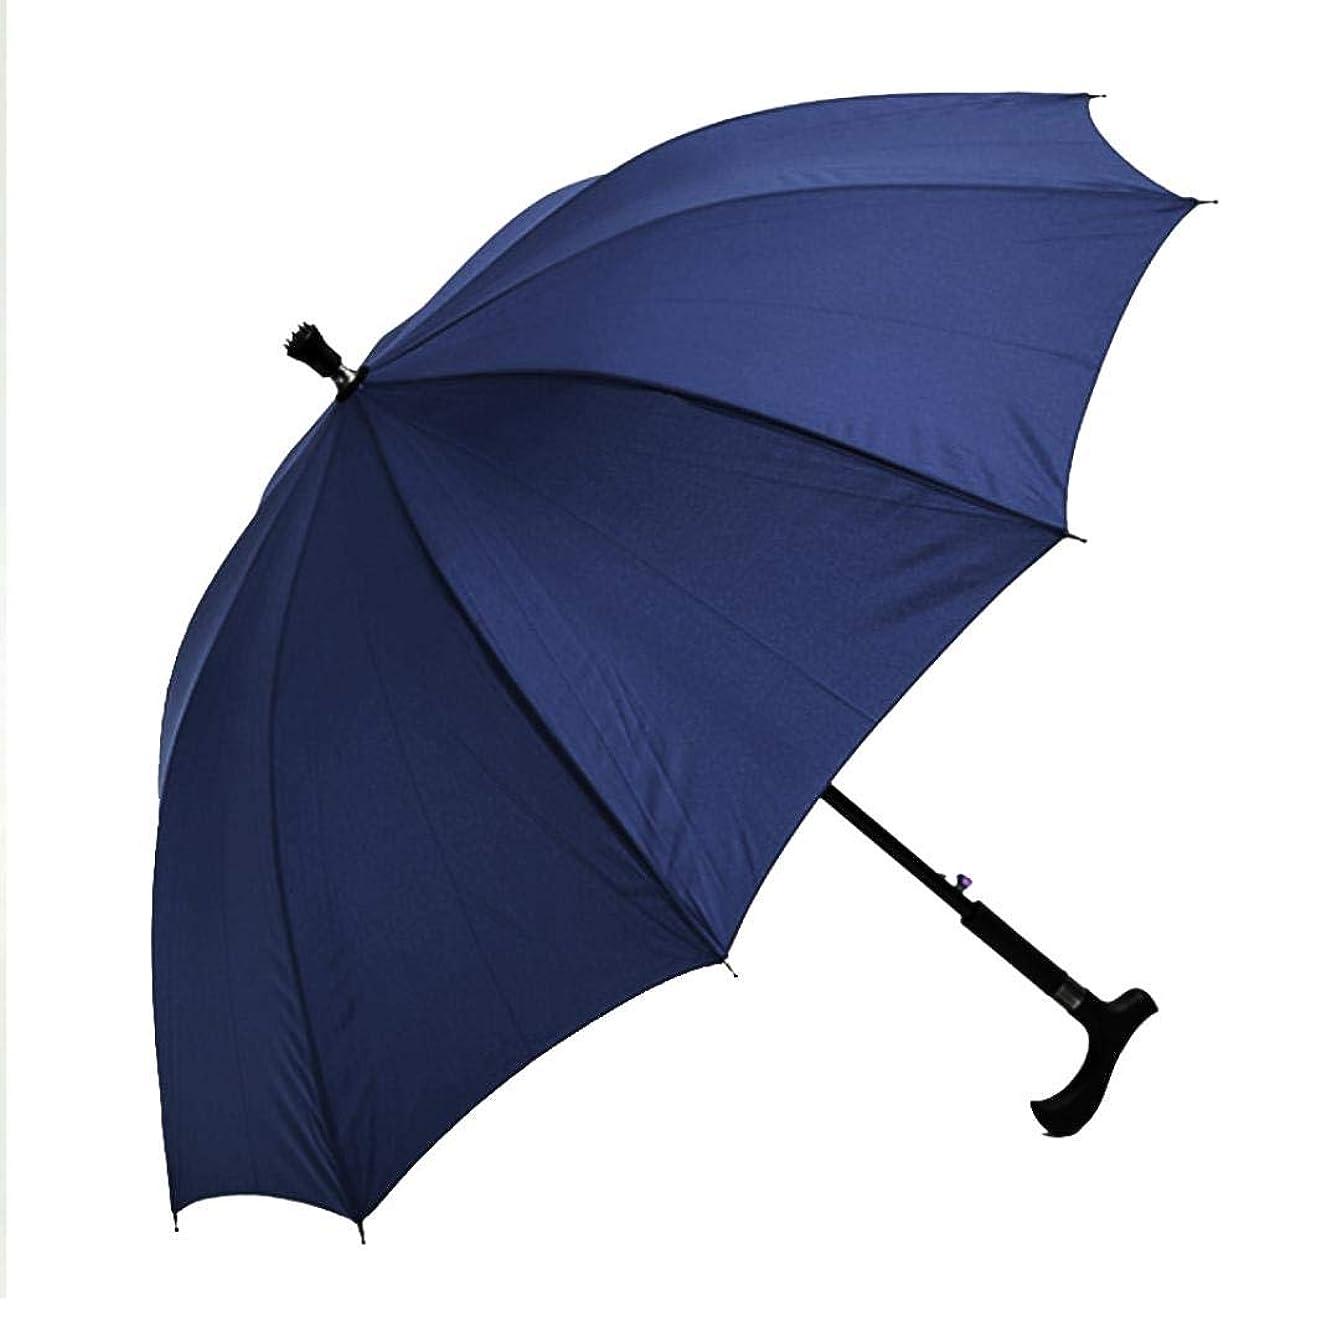 詐欺師居心地の良い摂氏comentrisyz 2-in-1 クライミング ハイキング スティック 松葉杖 防風雨 サン 傘 - ブルー